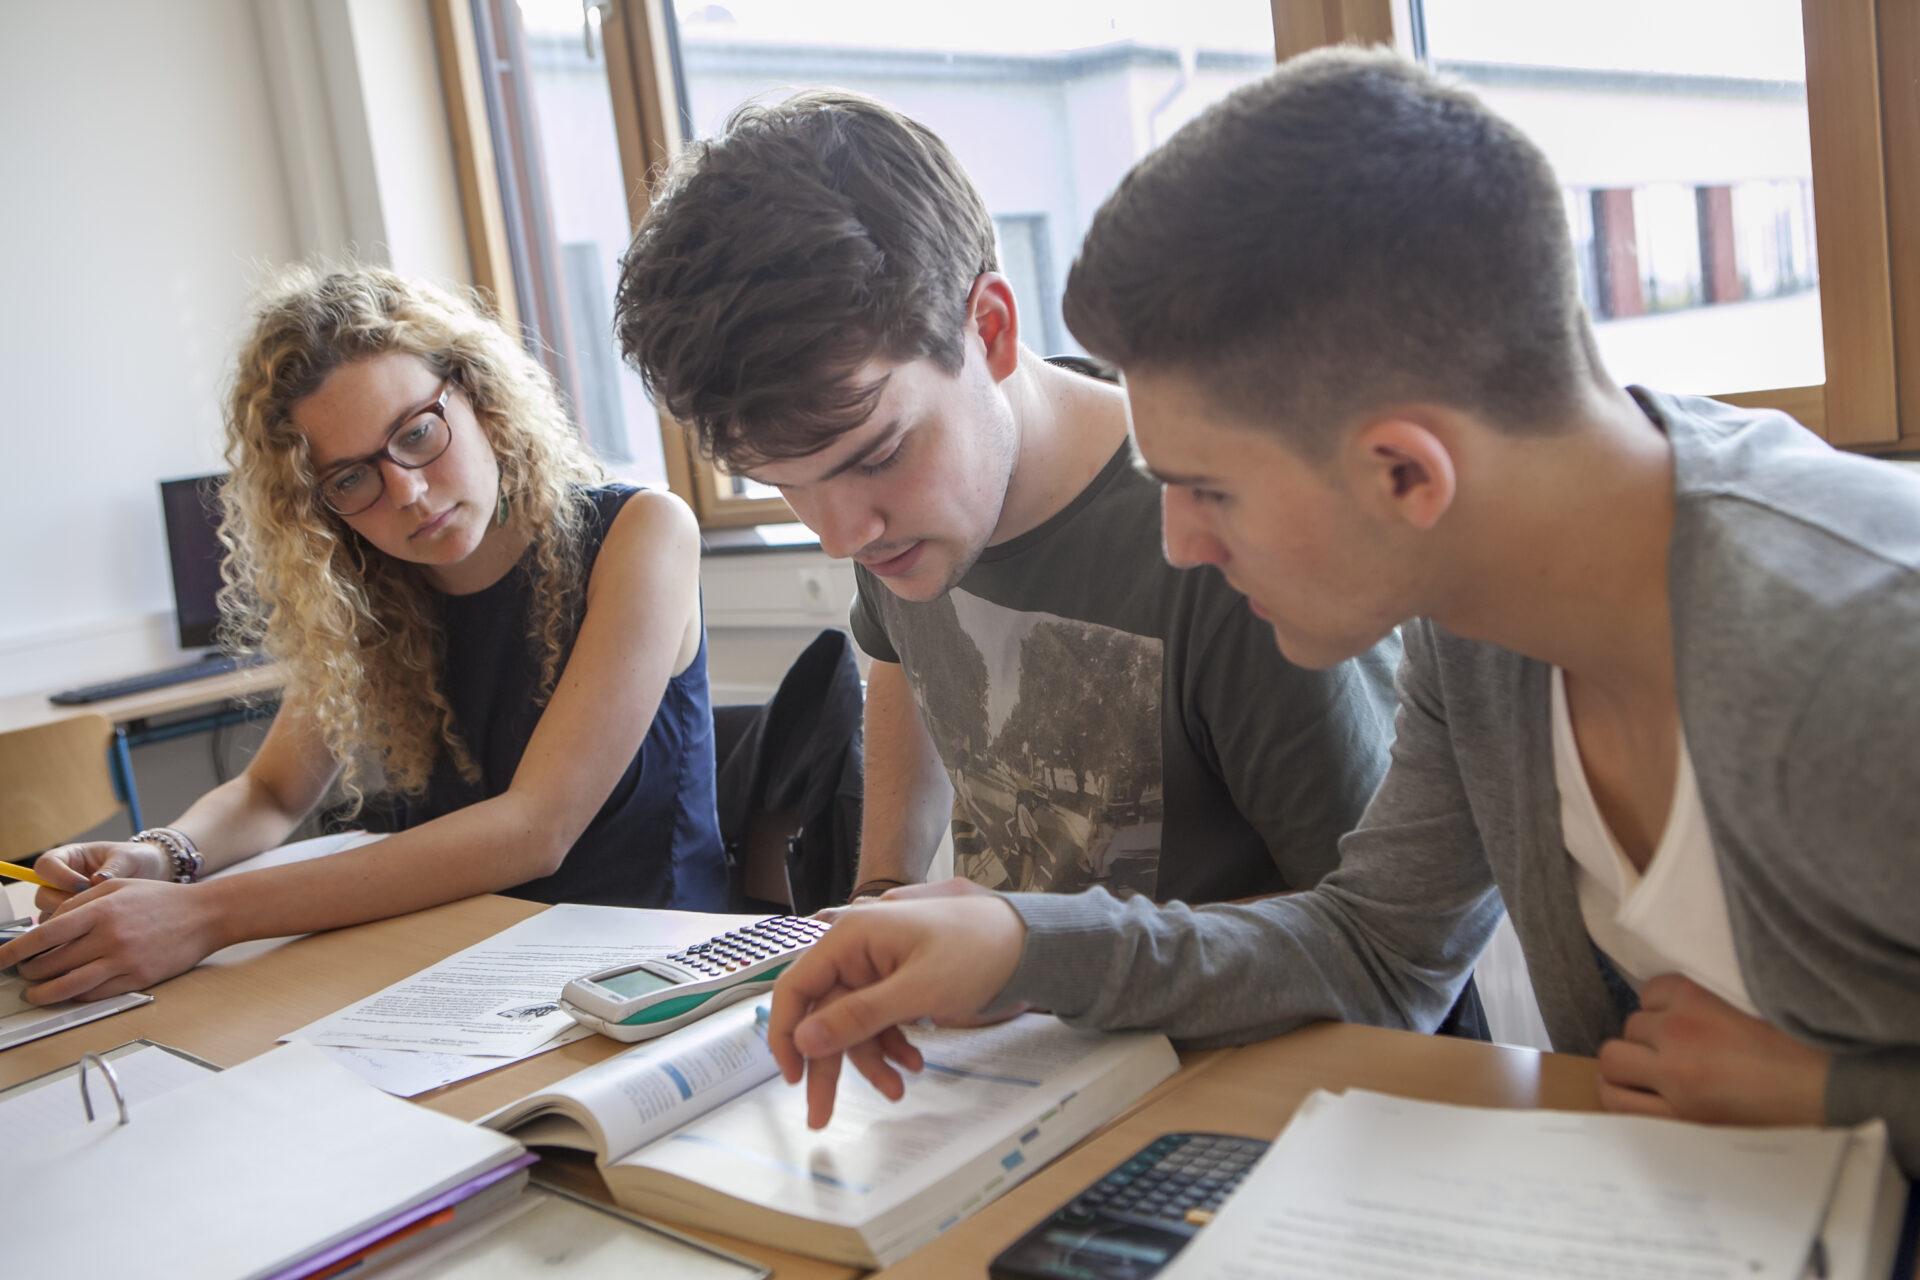 das oto zeigt eine Schülerin und zwei Schüler gemeinsam an einen Tisch sitzen und in einem Buch lesen